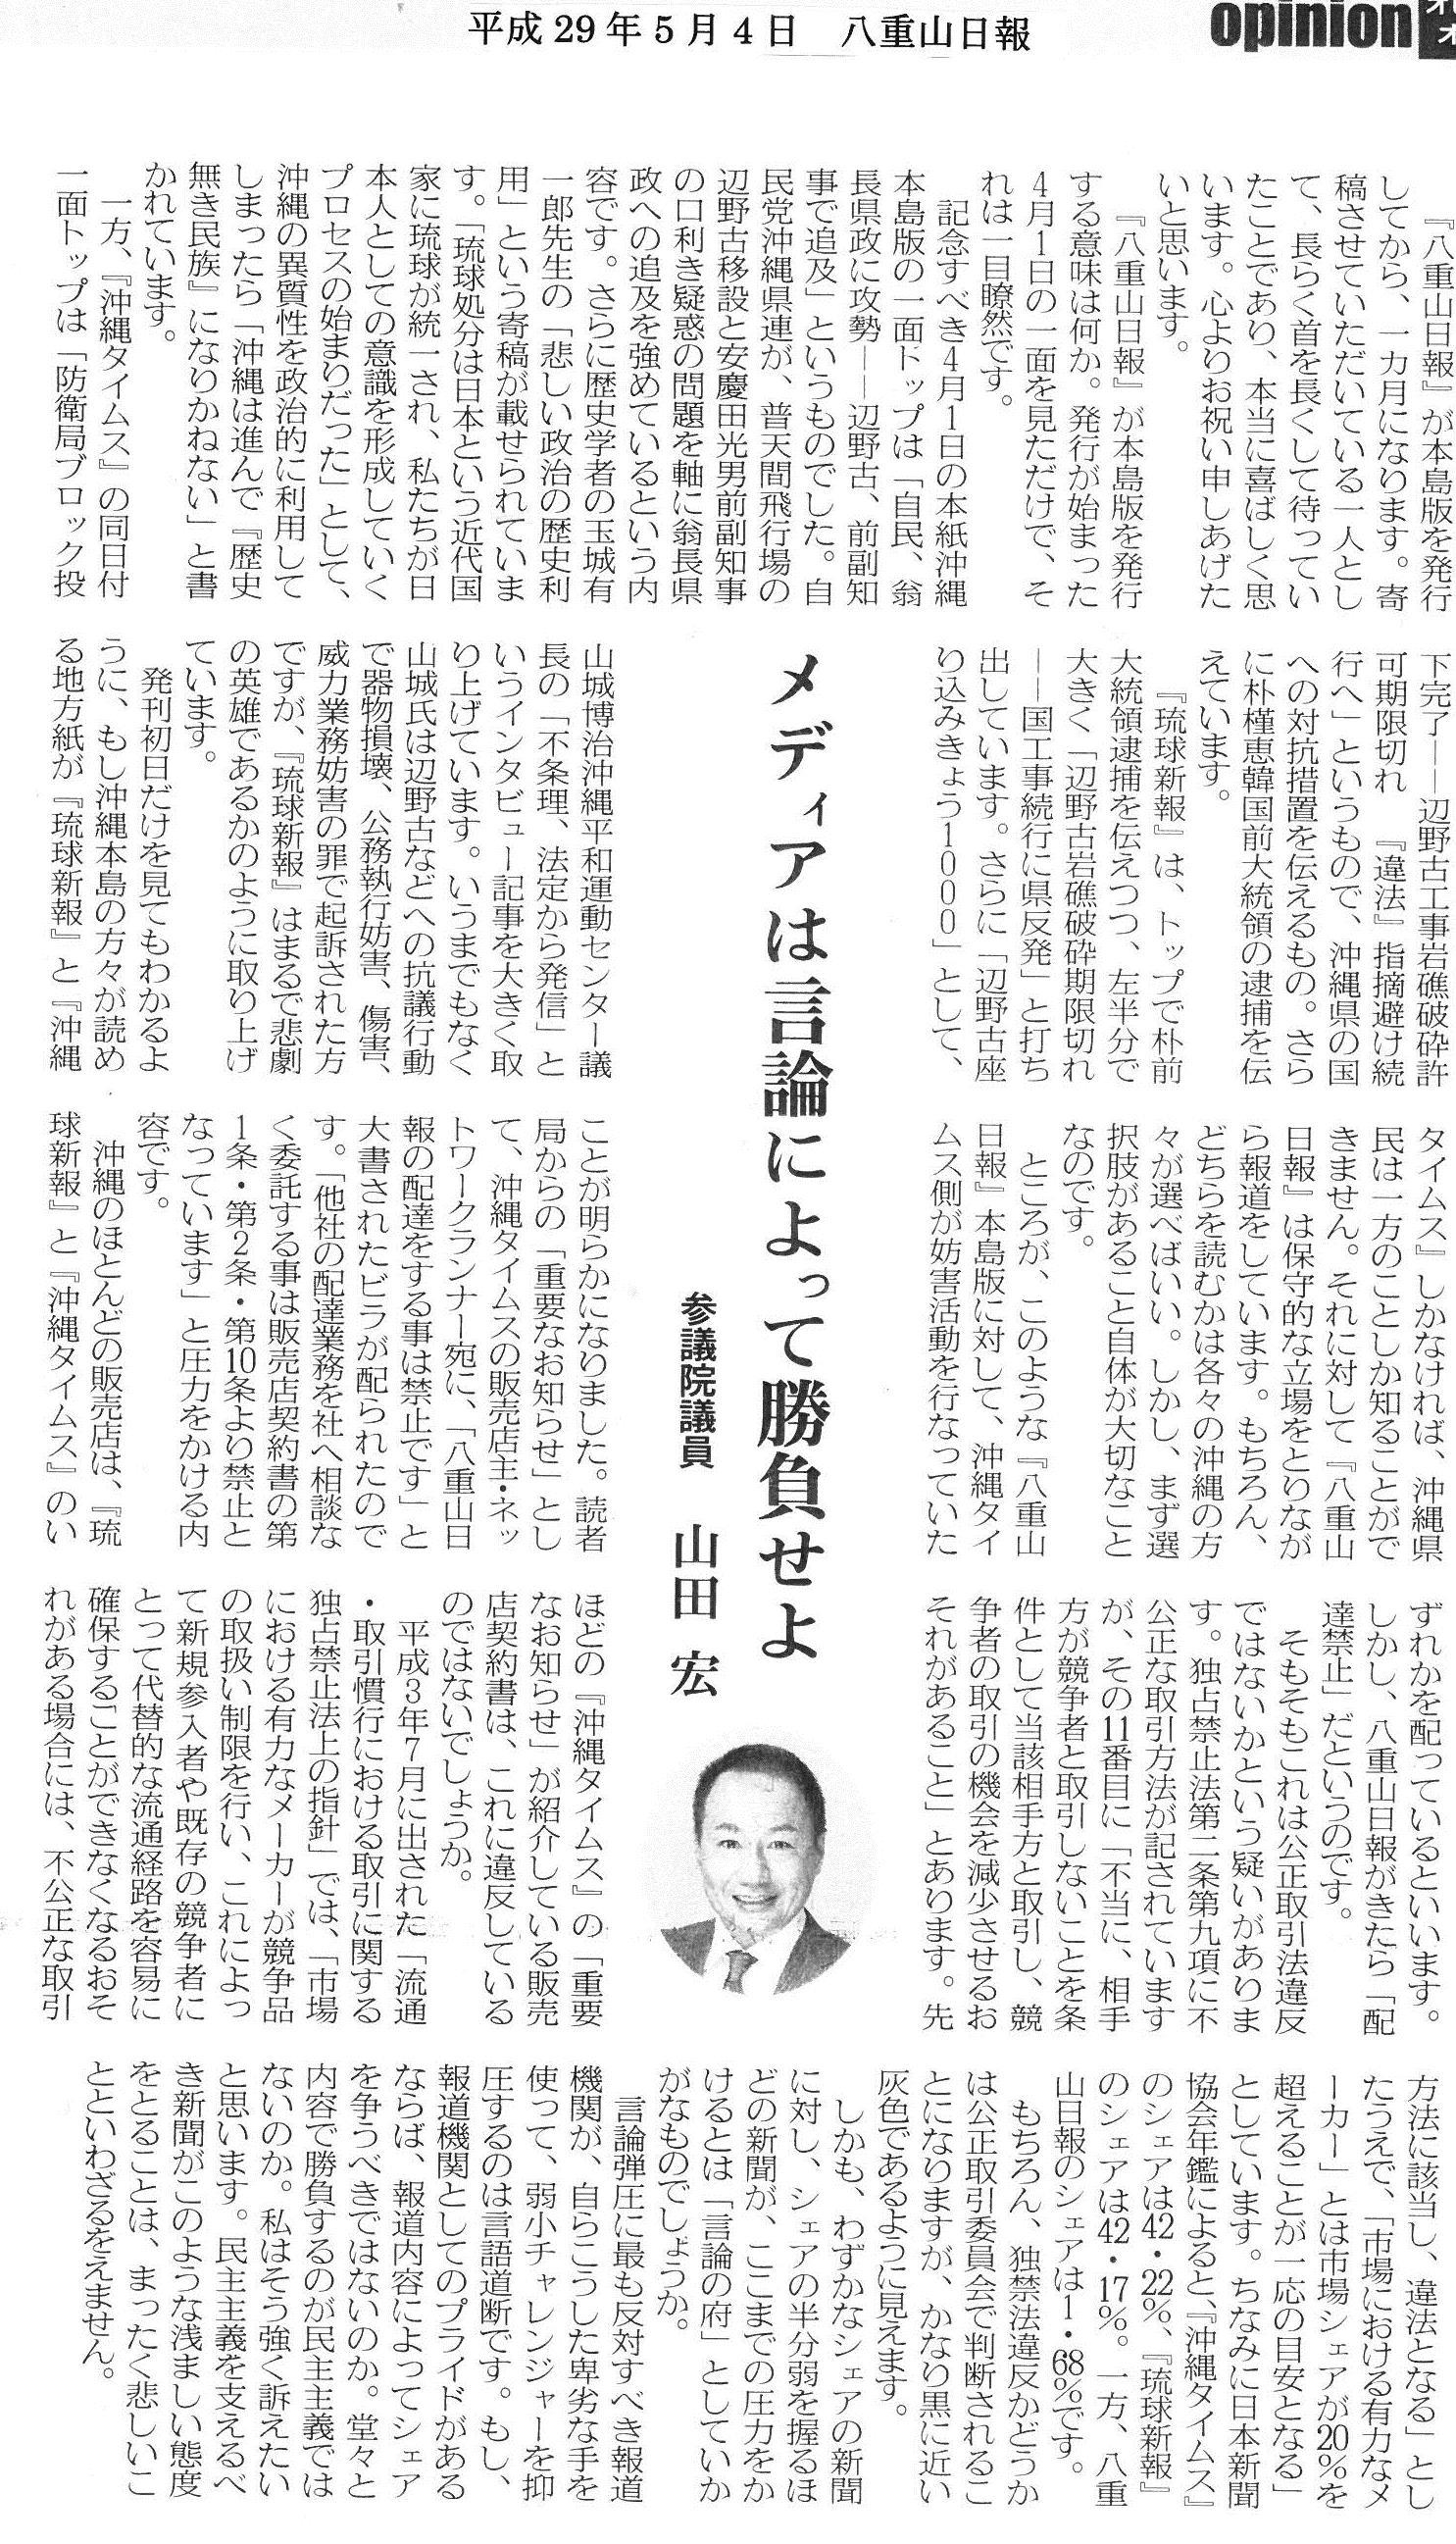 平成29年5月4日 八重山日報